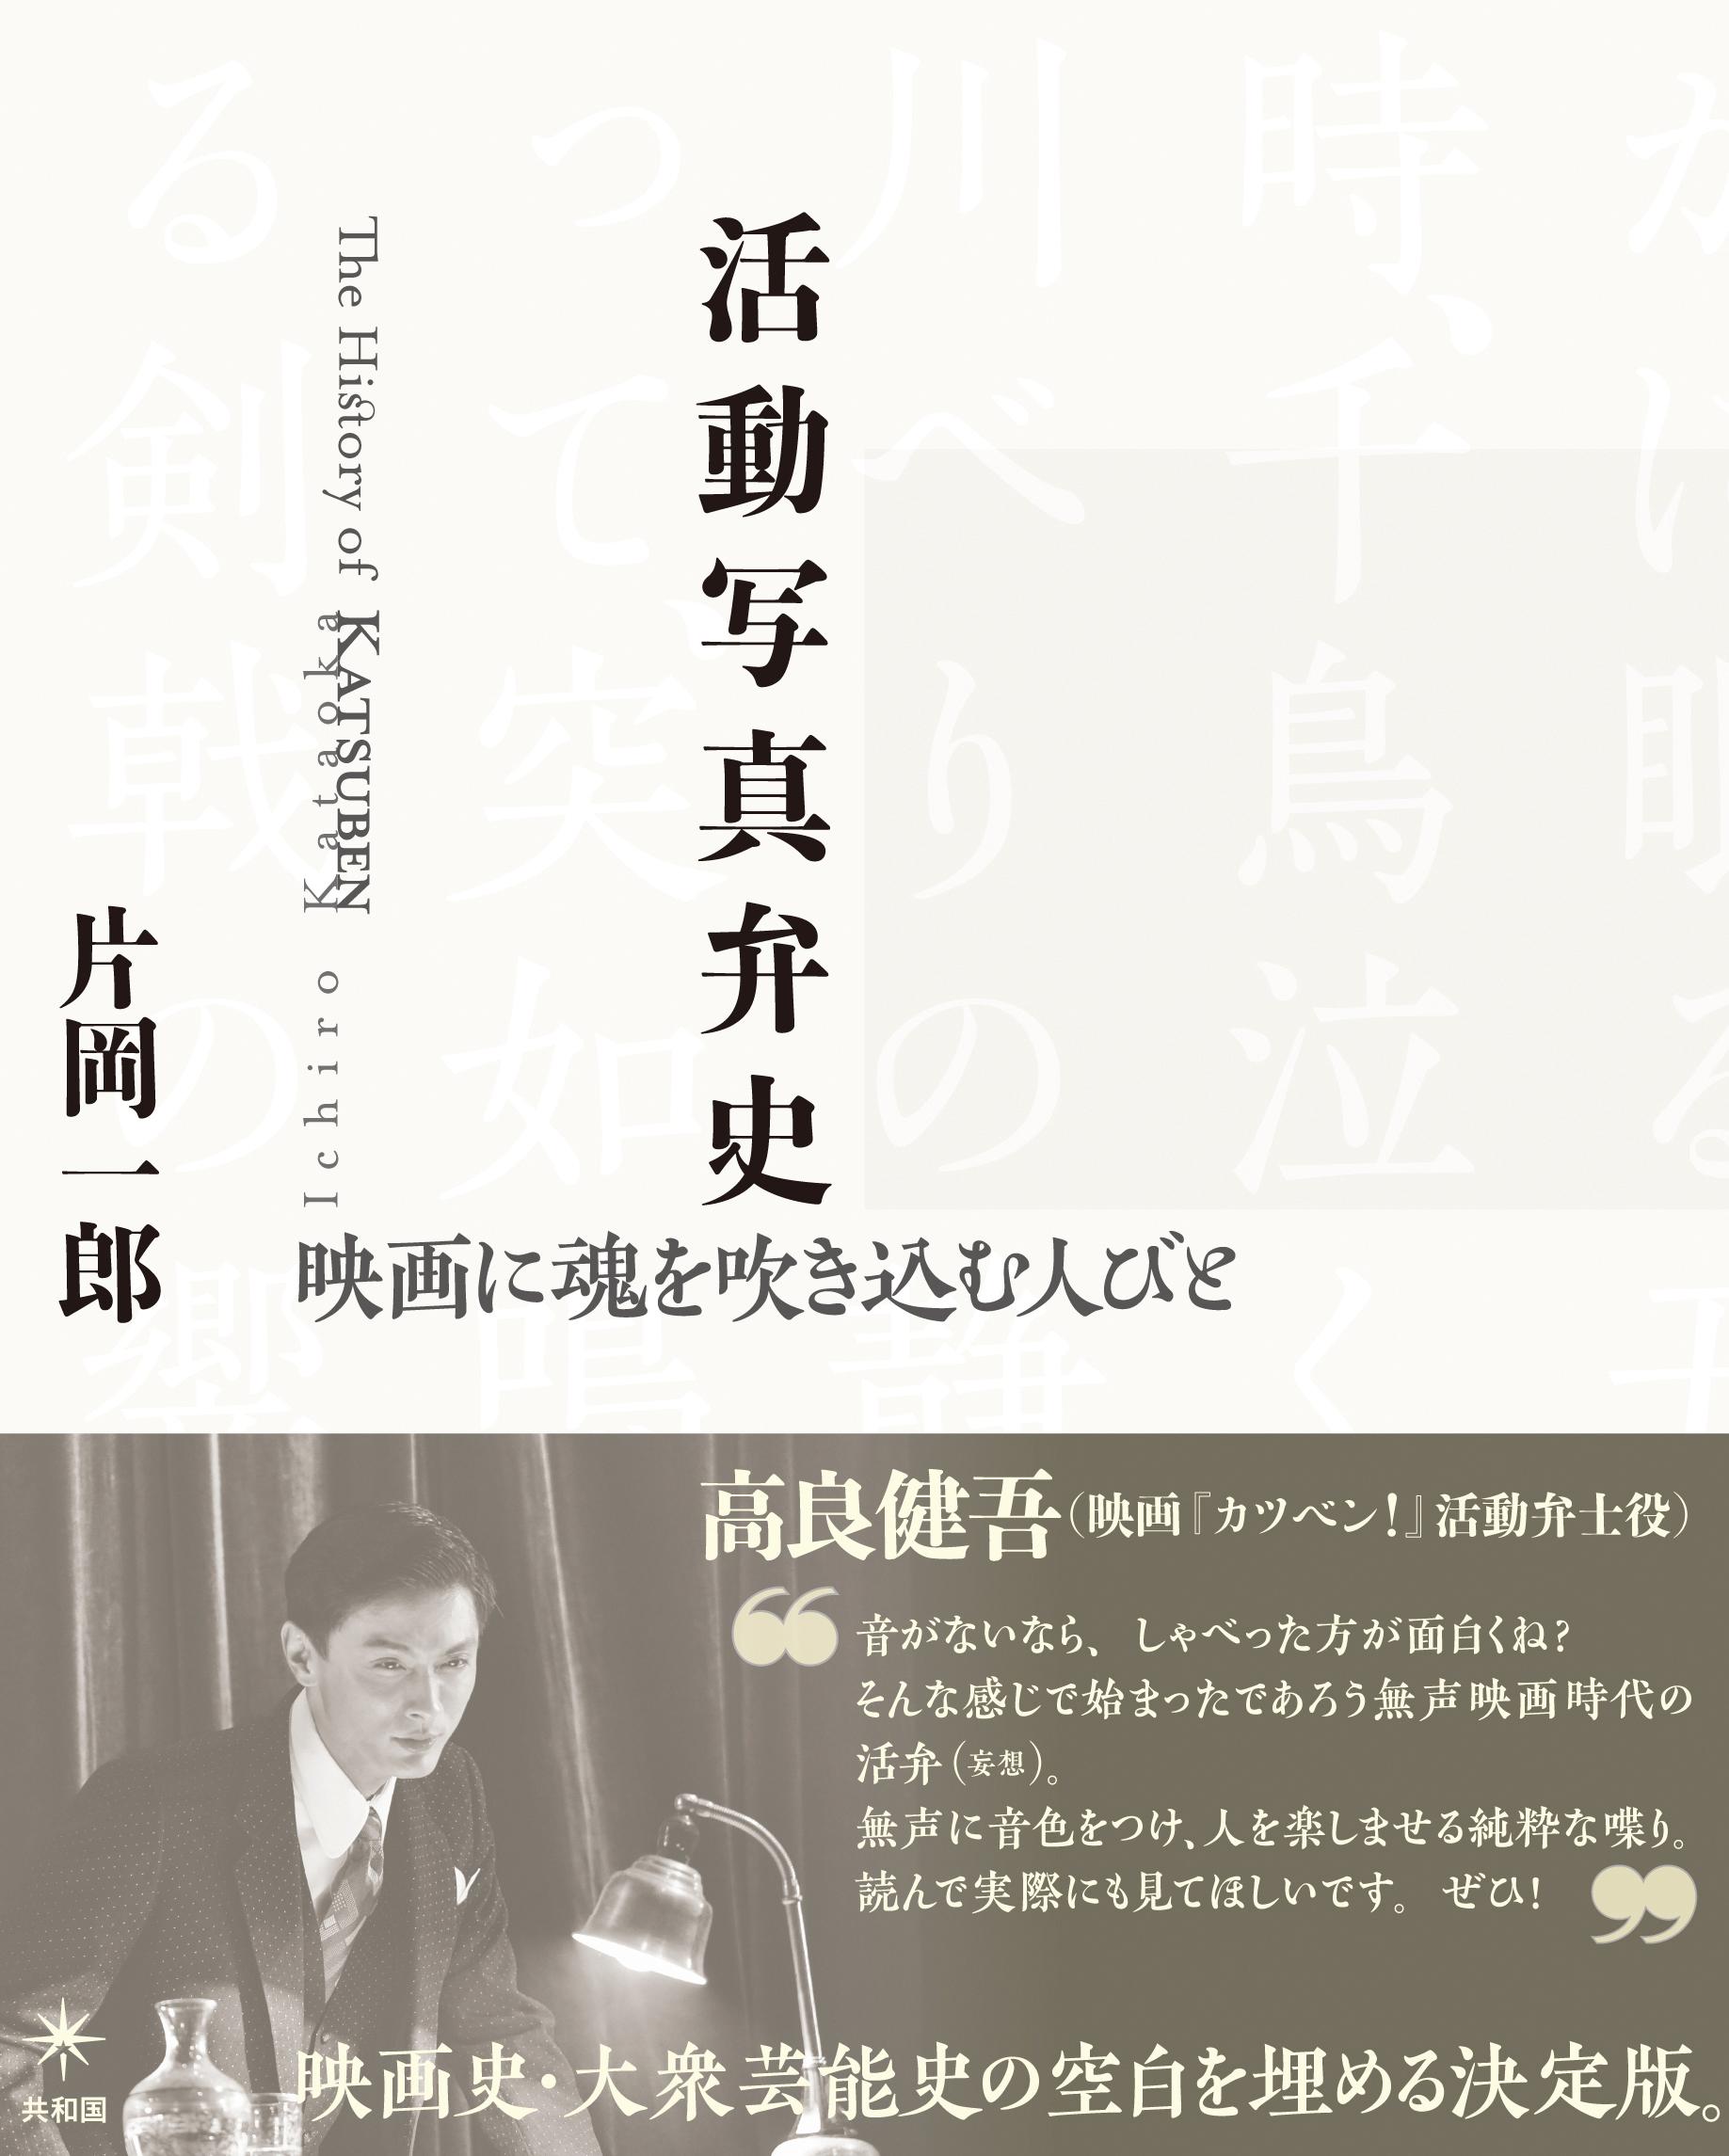 片岡一郎 活動写真弁史